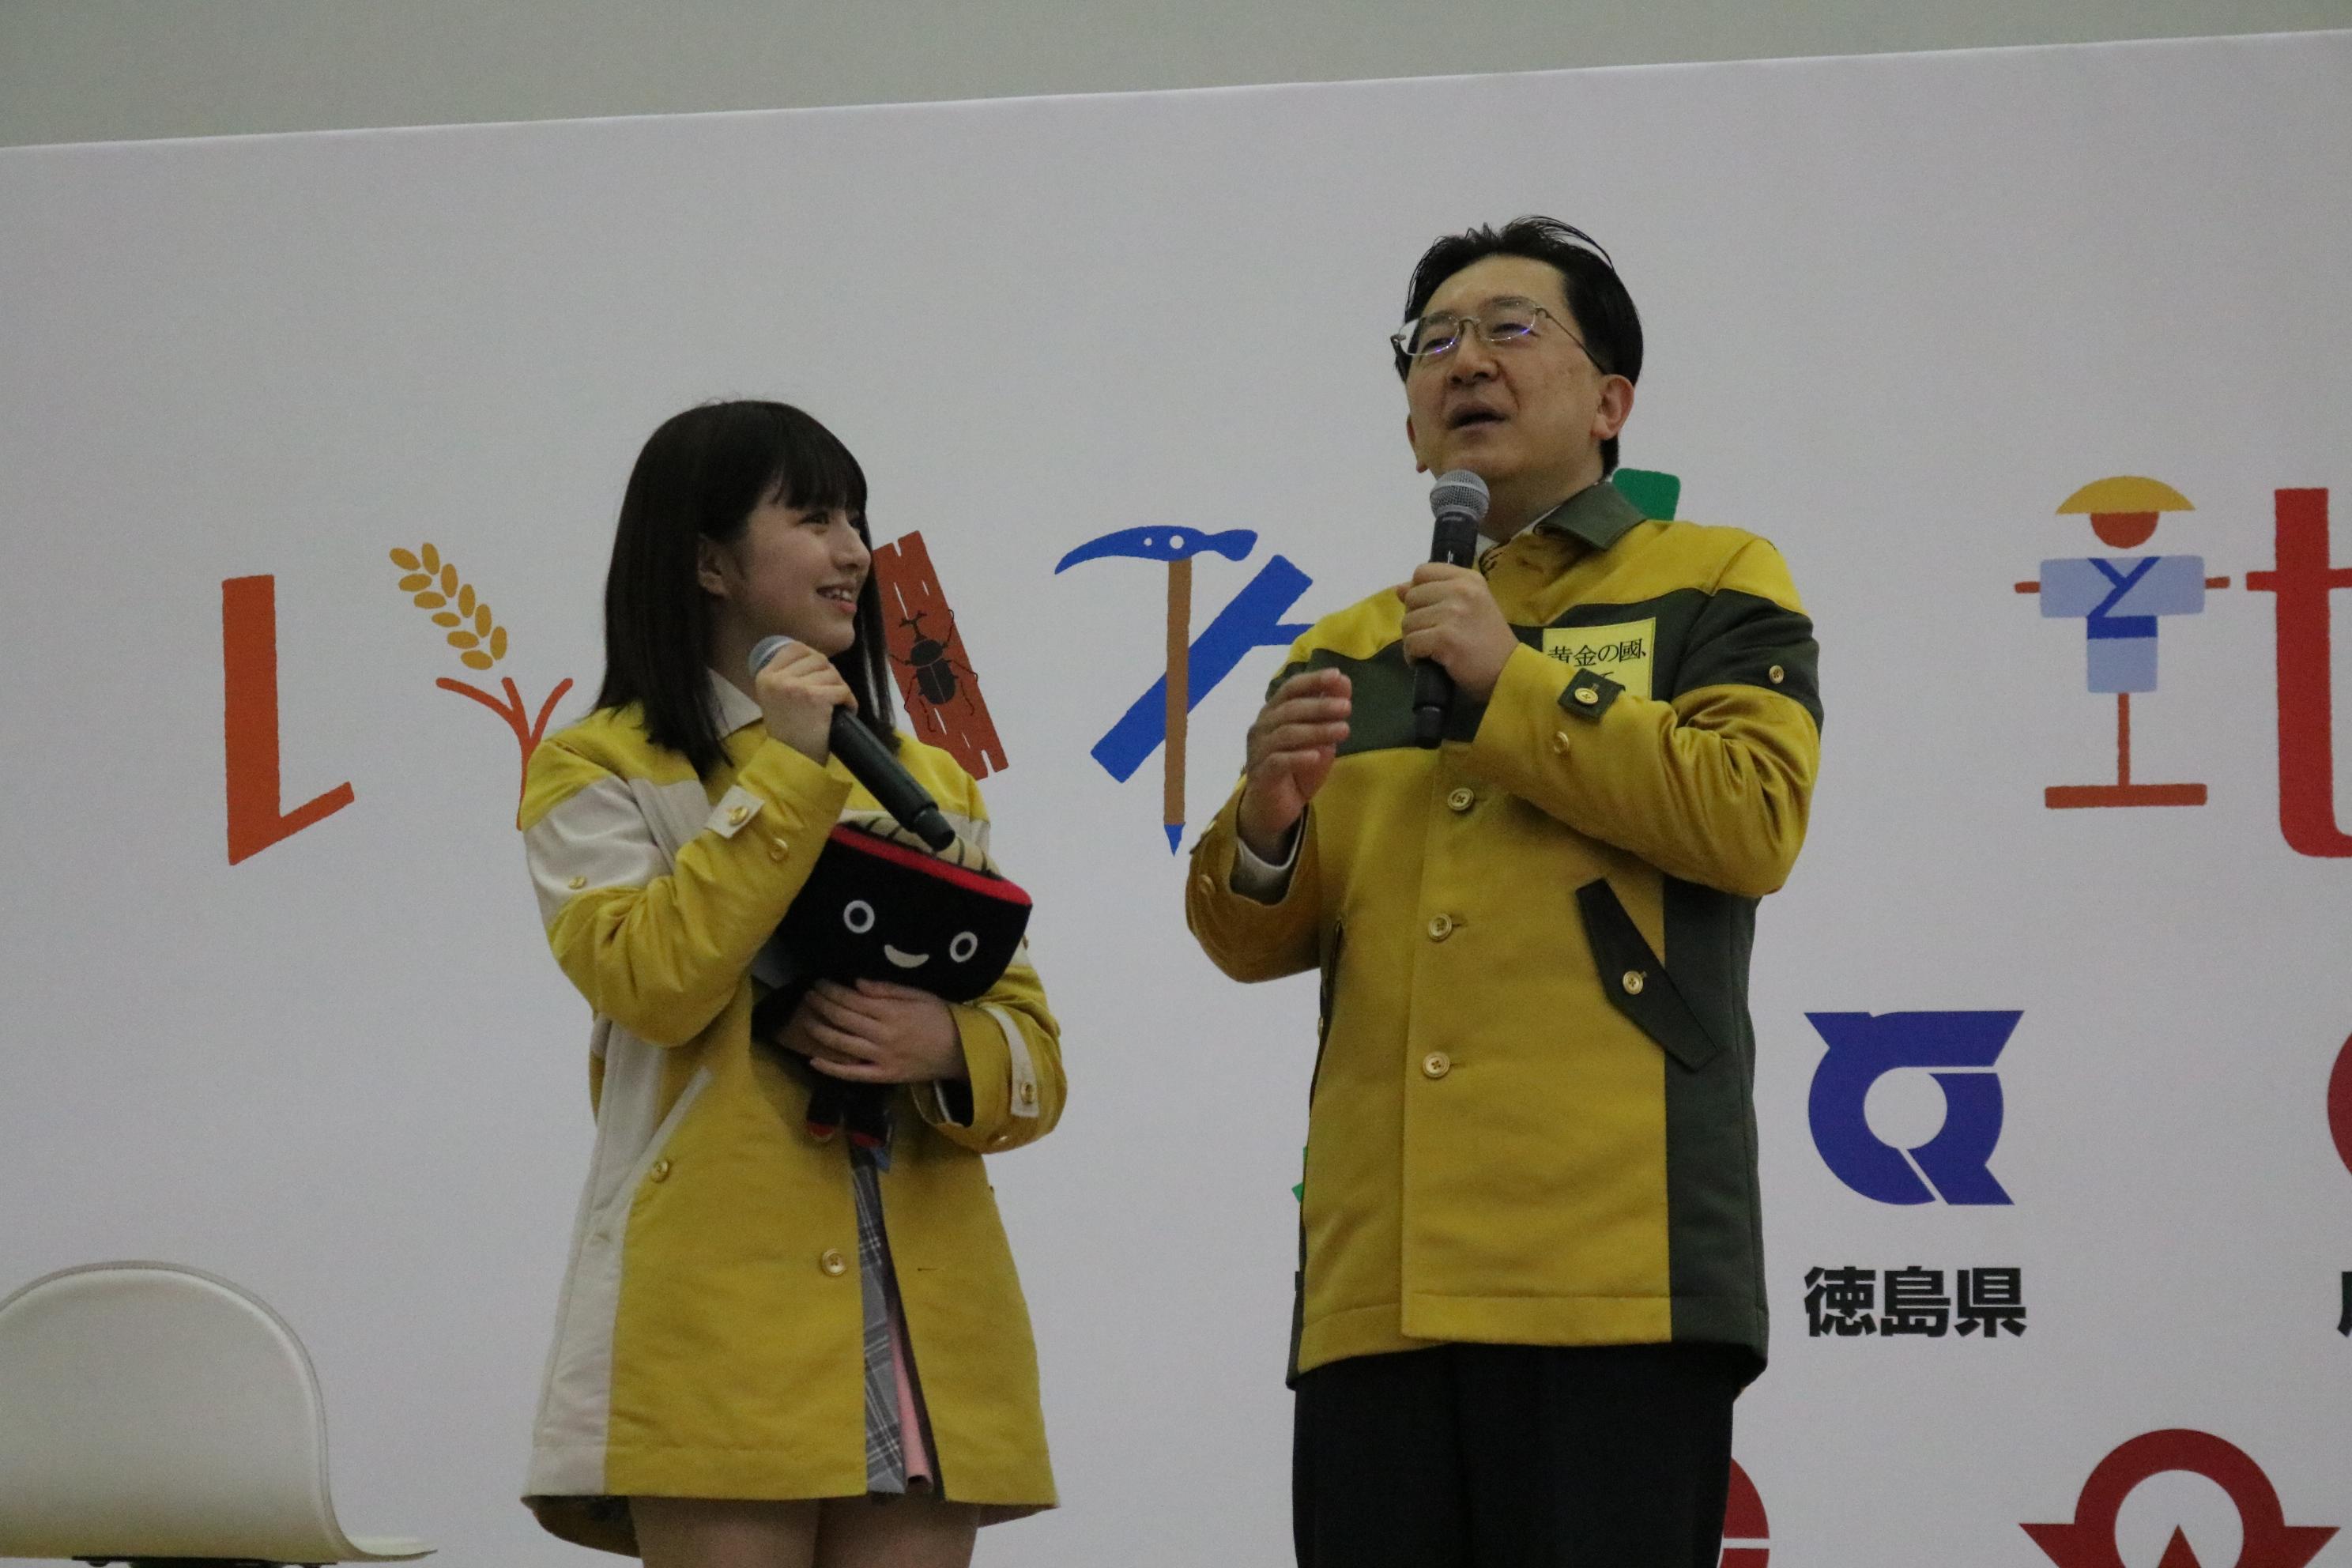 達増知事と岩手の魅力を語る佐藤七海